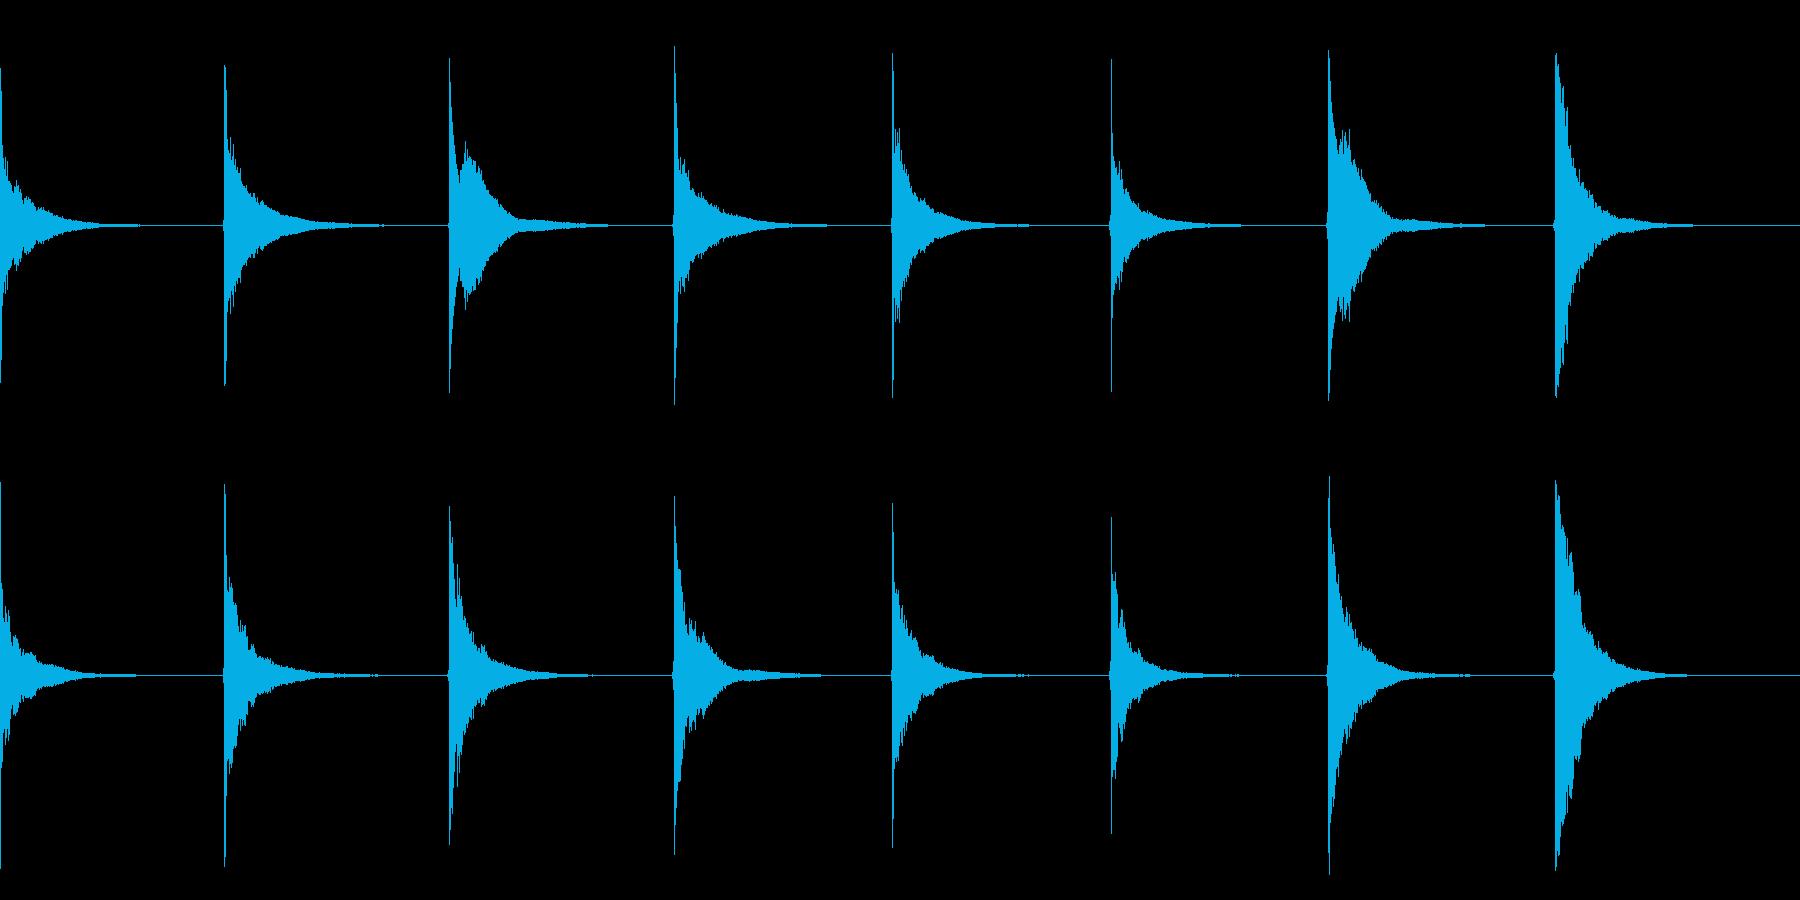 刀鍛冶の再生済みの波形